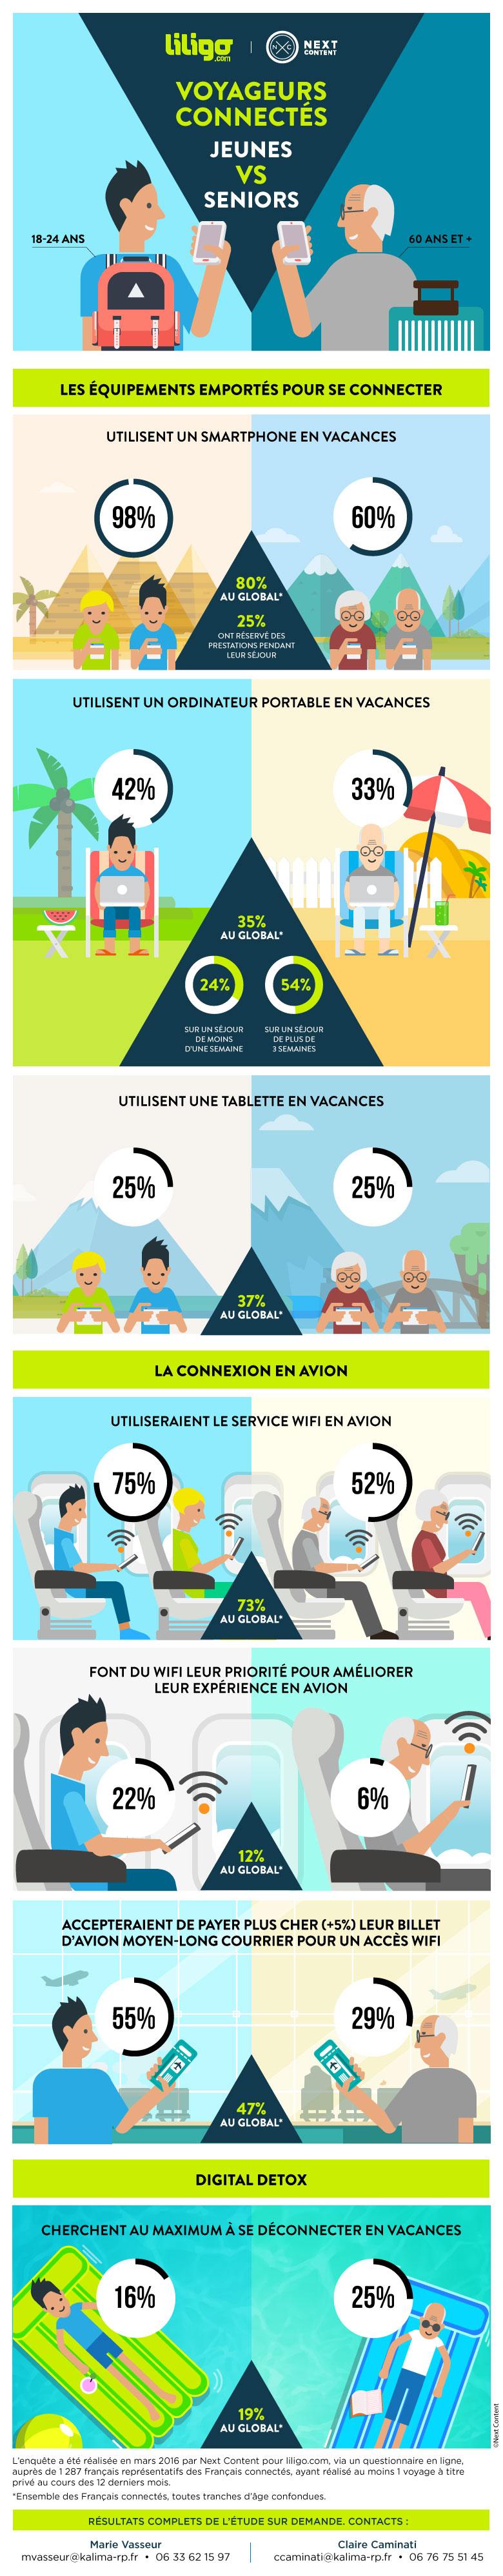 Voyageur connecté : jeune vs senior